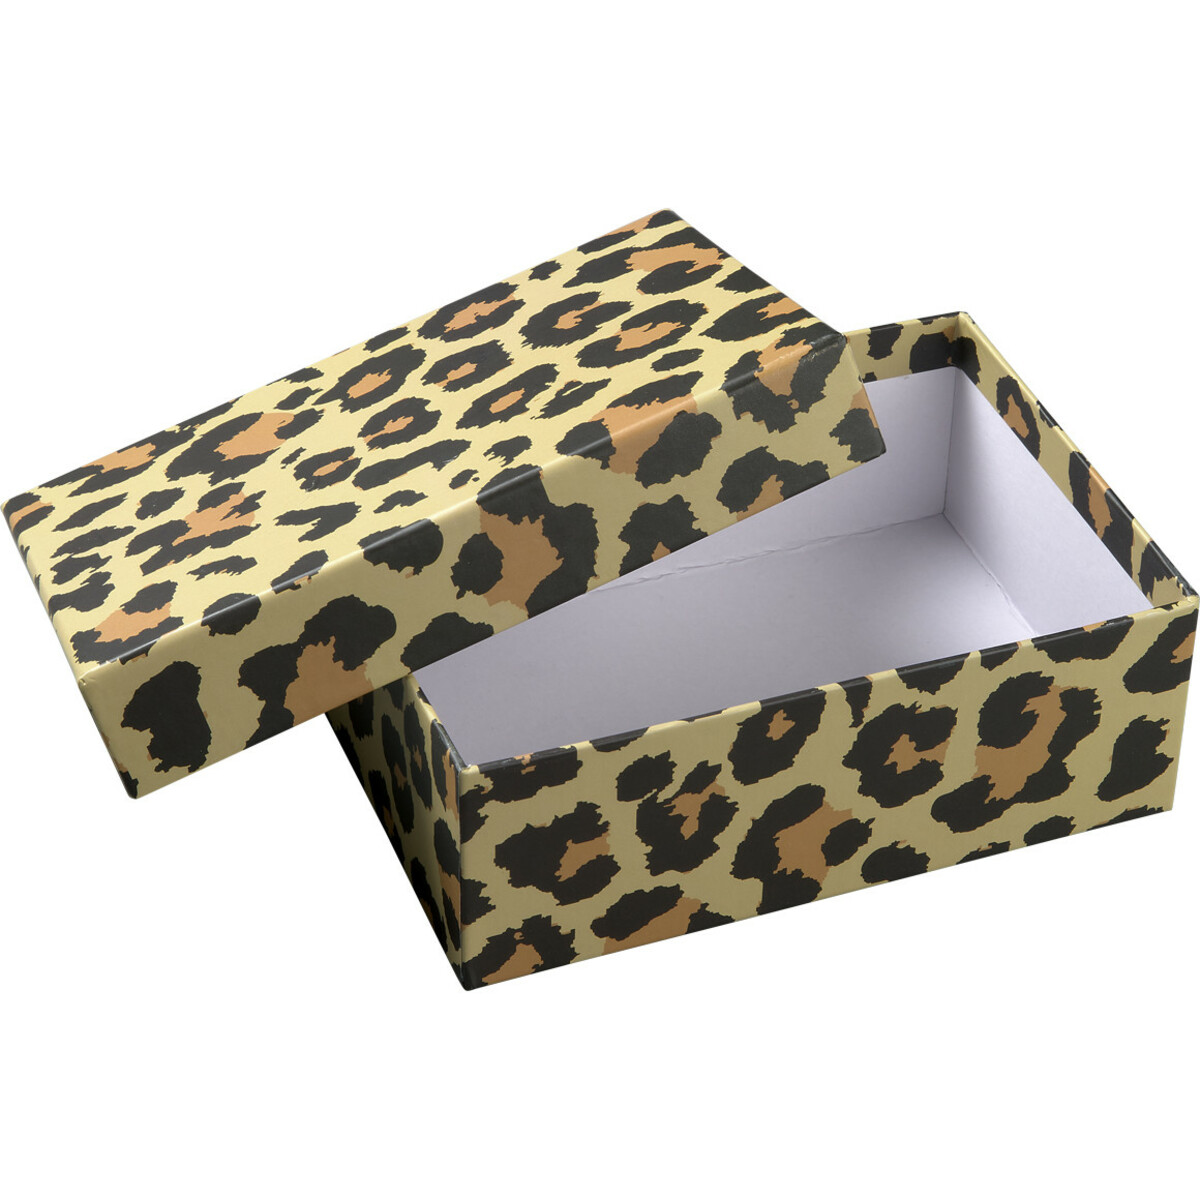 Bild 2 von Mittelgroße Geschenkbox mit Leoparden-Muster